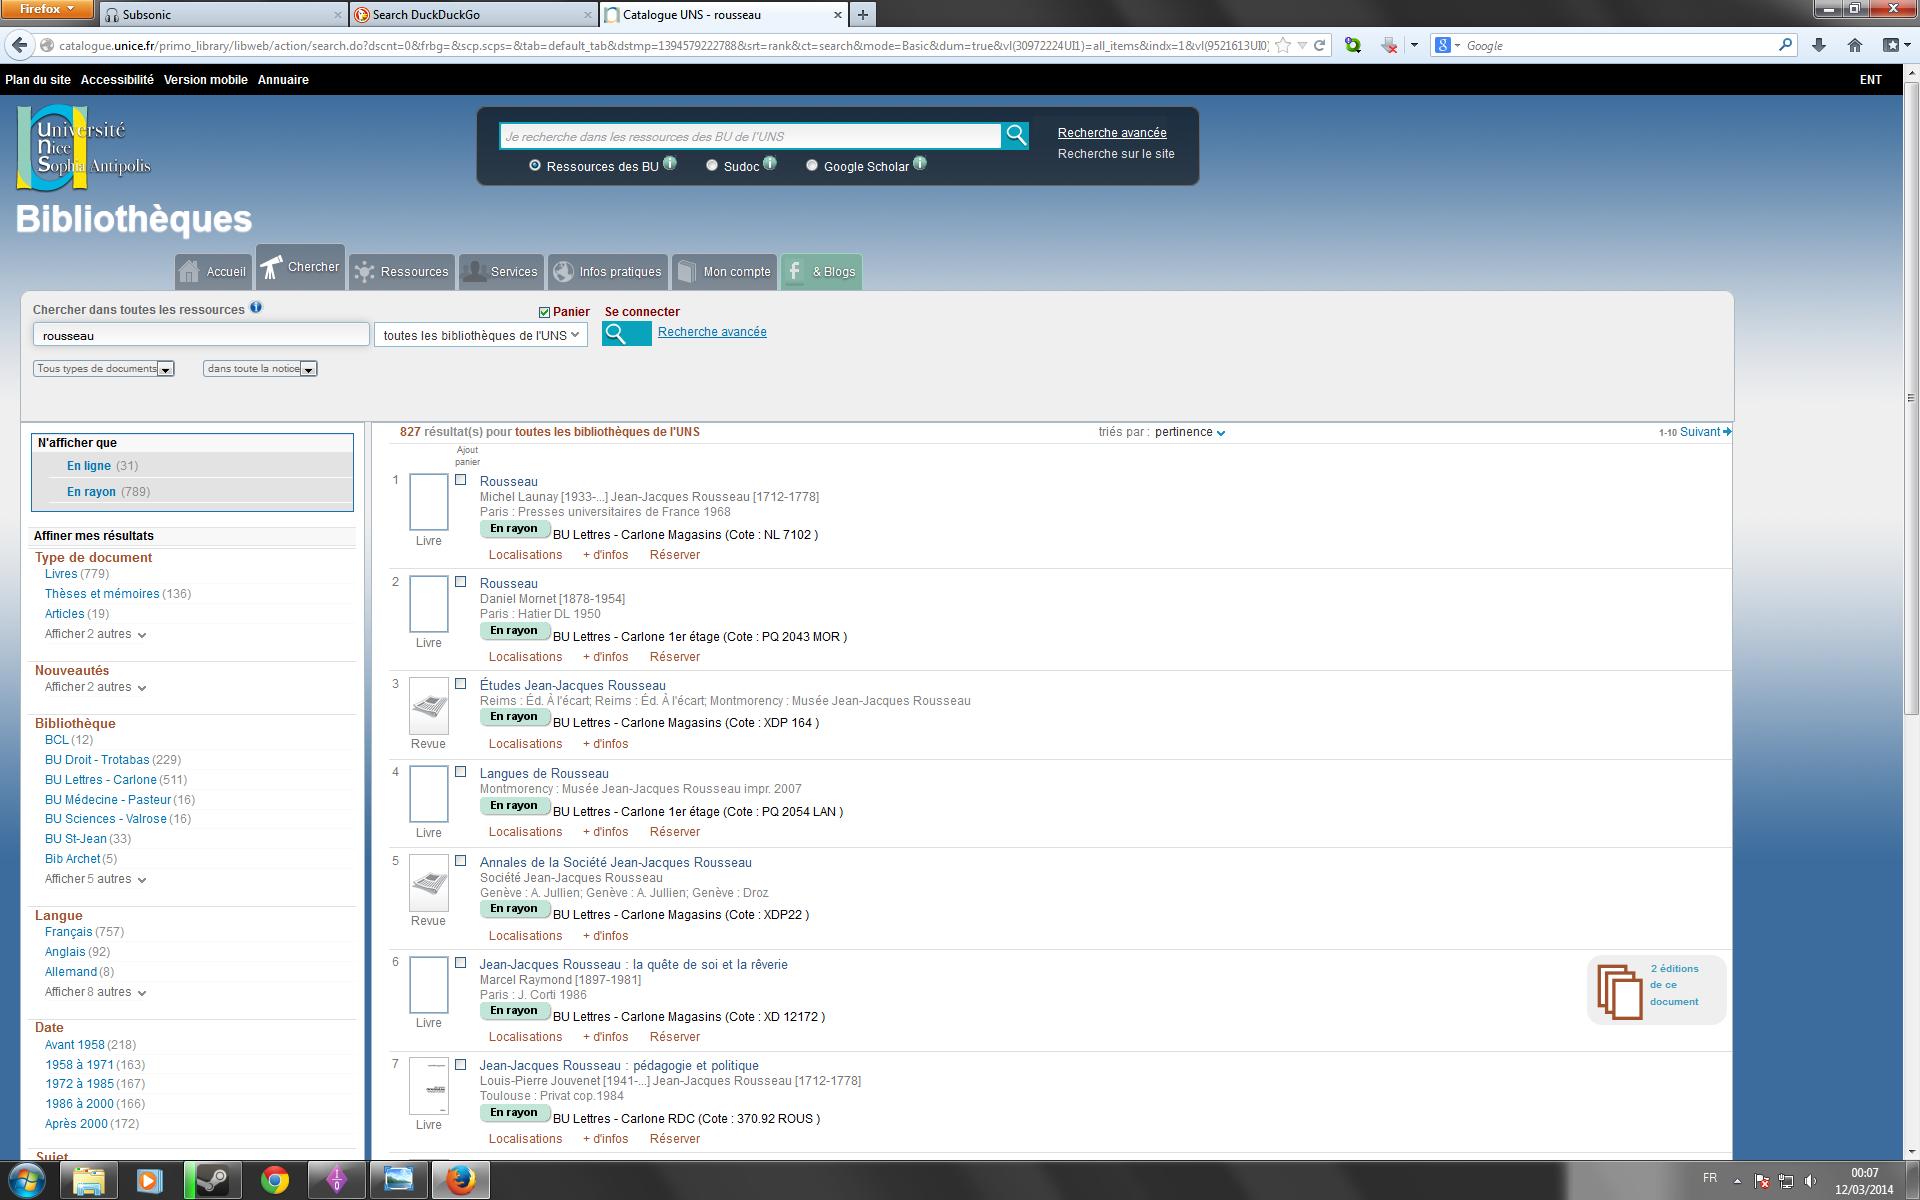 12 min de recherche de documents sur le site de la BU de Nice : on remarque de nombreux allers-retours entre la liste des résultats et la barre de recherche de documents ainsi que vers le champ des moteurs de recherche personnalisé du navigateur (en haut à droite)